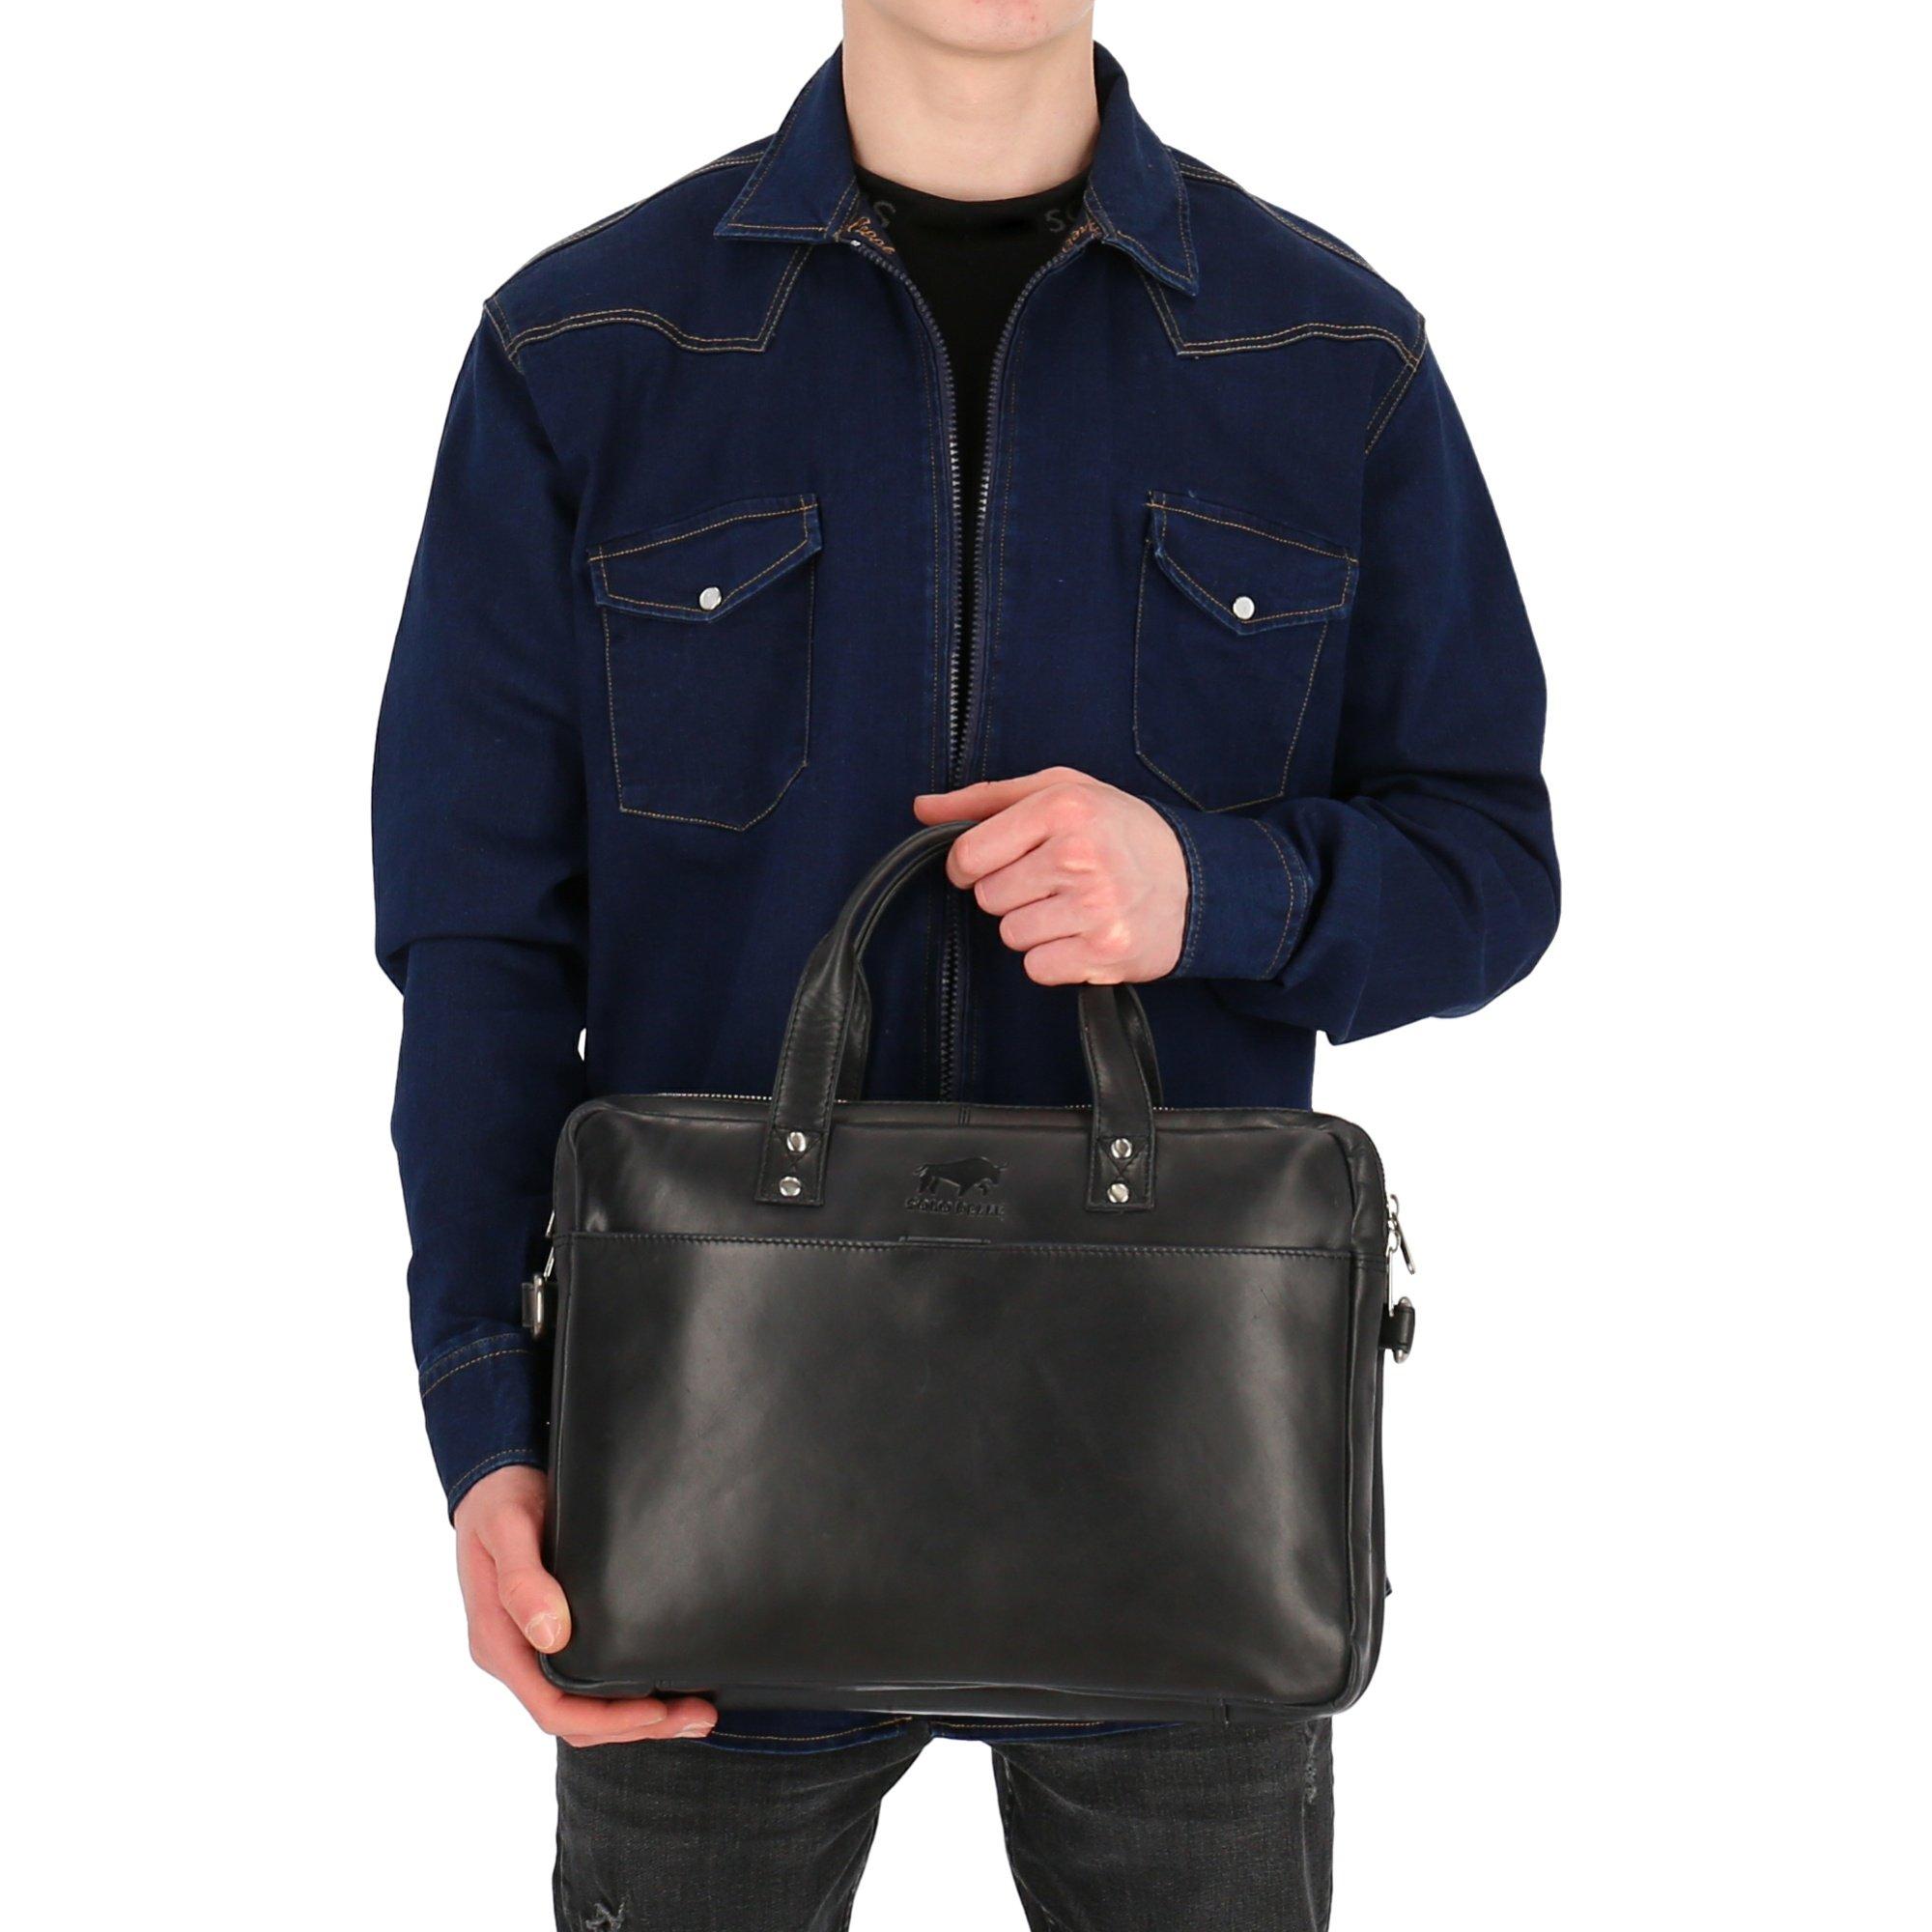 Solo Pelle Businesstasche aus echtem Leder passen für Apple MacBook bis 13,3 Zoll (Vintage Schwarz)